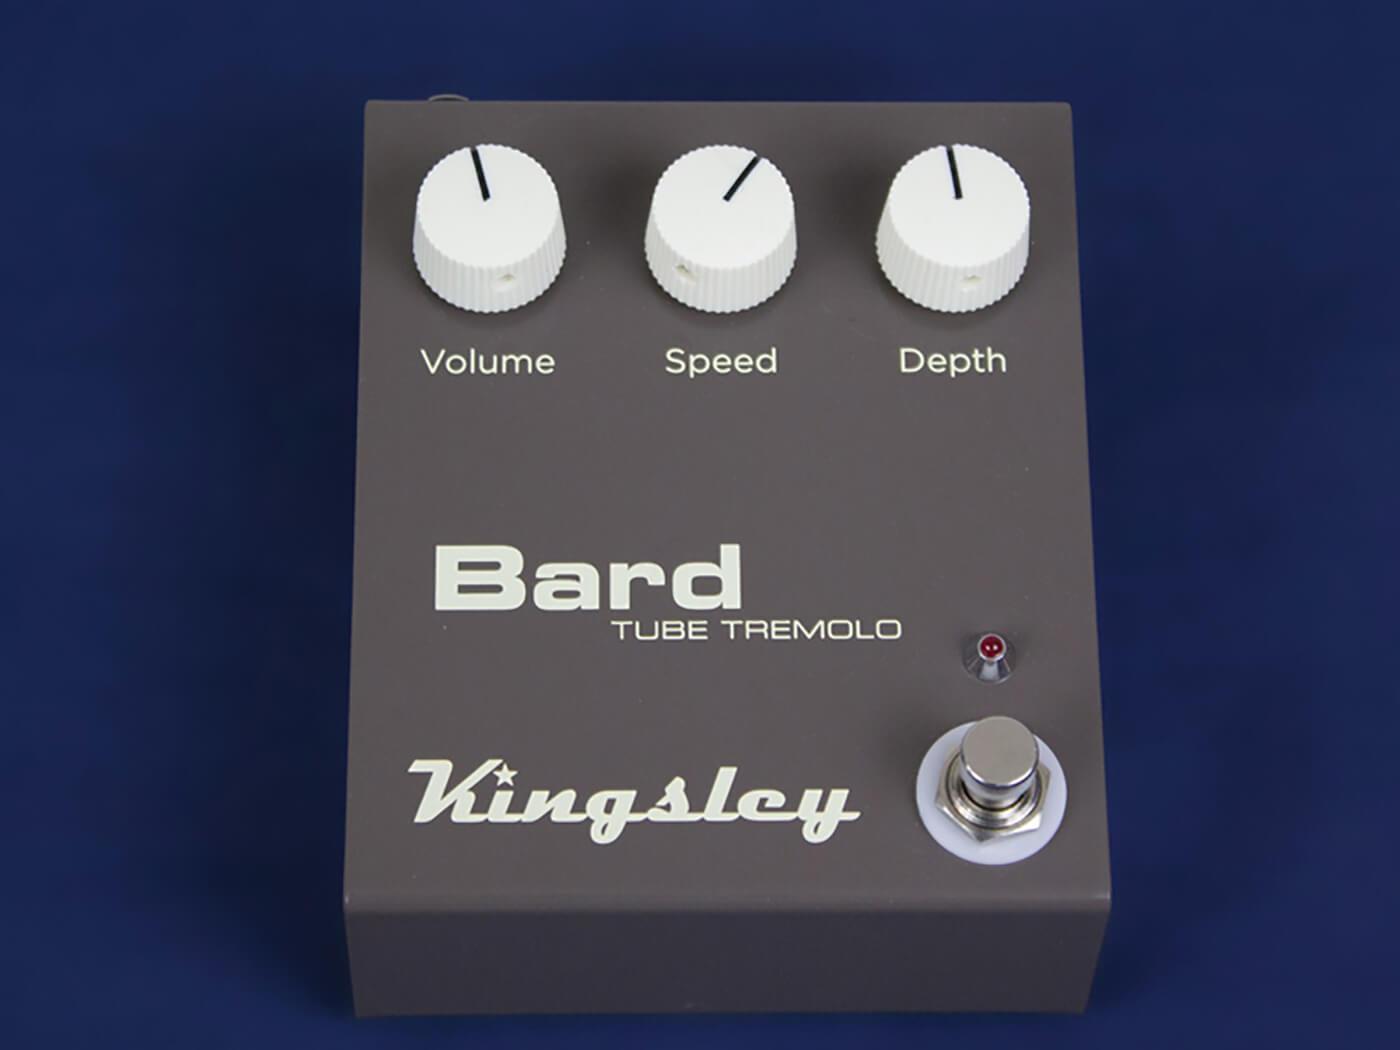 Kingsley Bard